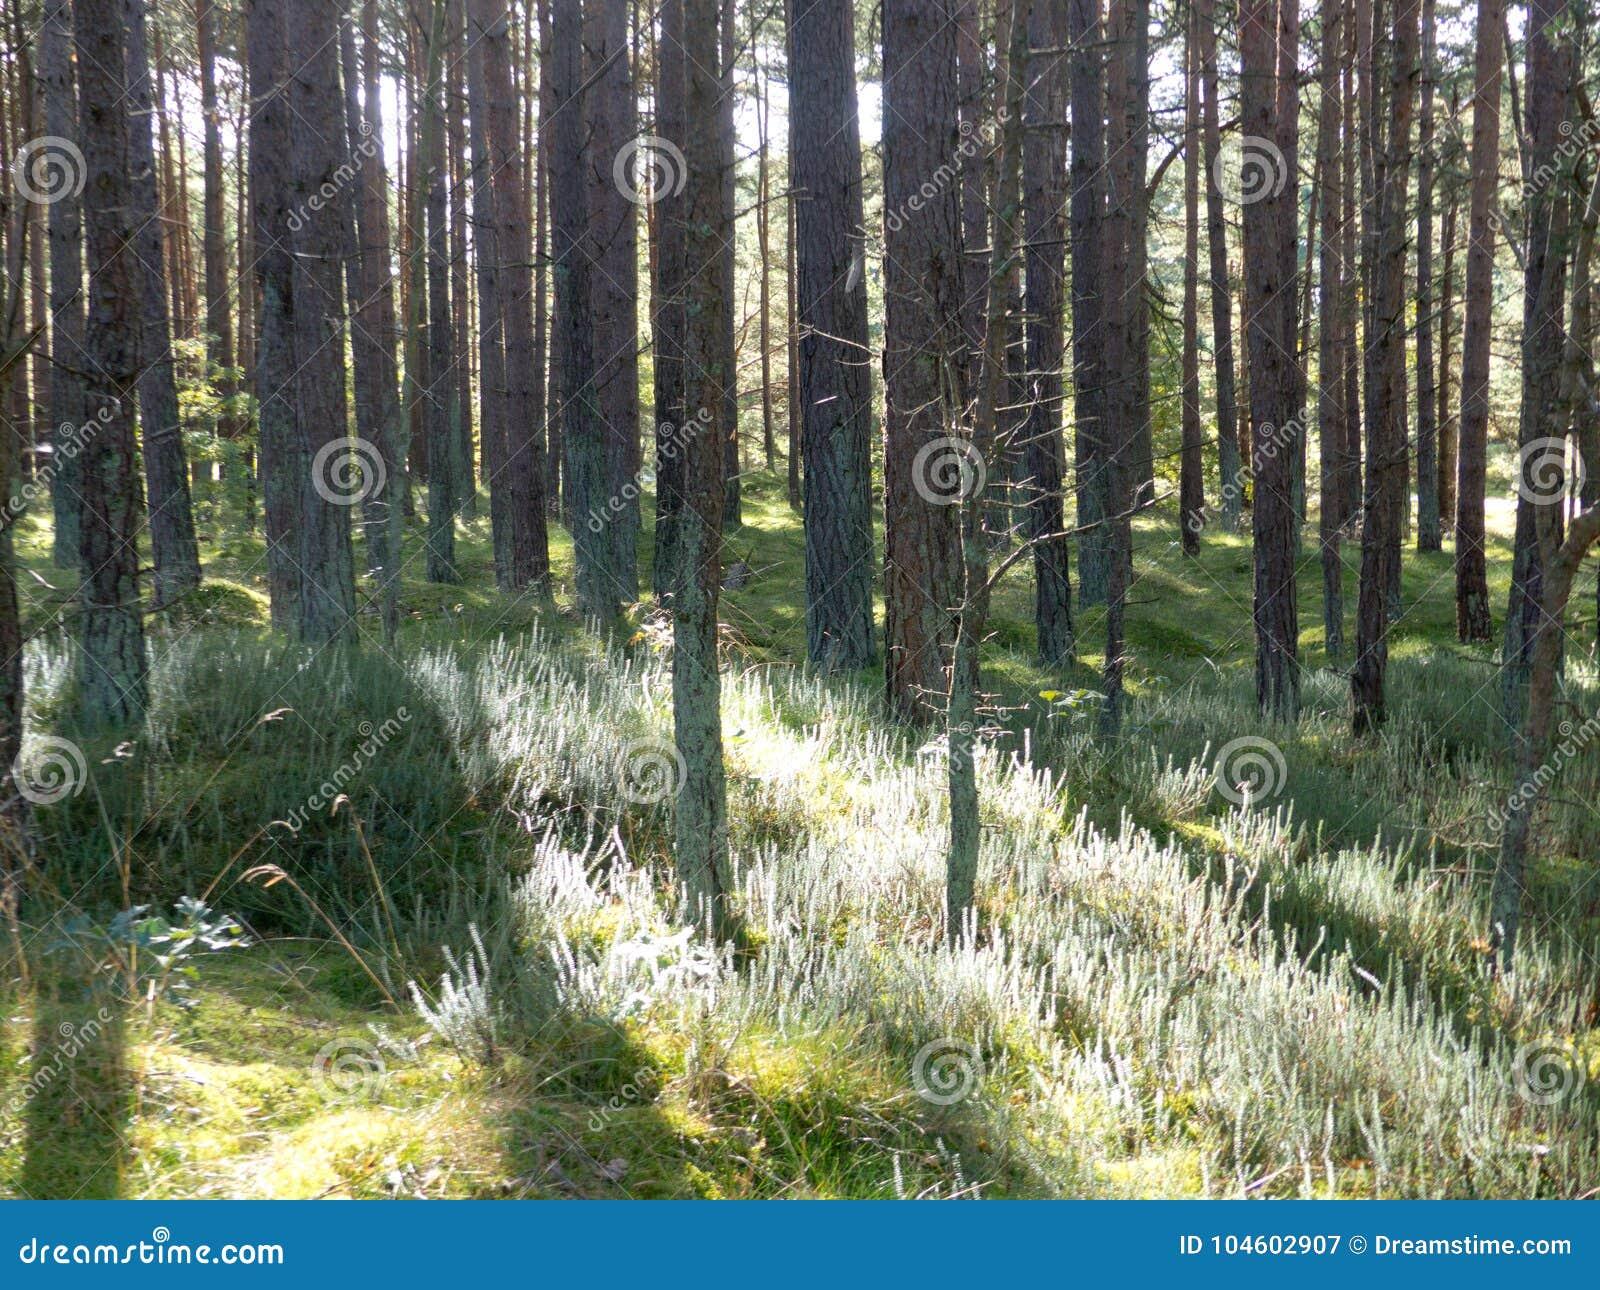 De dopheide in het hout, van de de takkenboom van het heidehout de bosboegen van de de close-up lichte dageraad dichte treeebranc